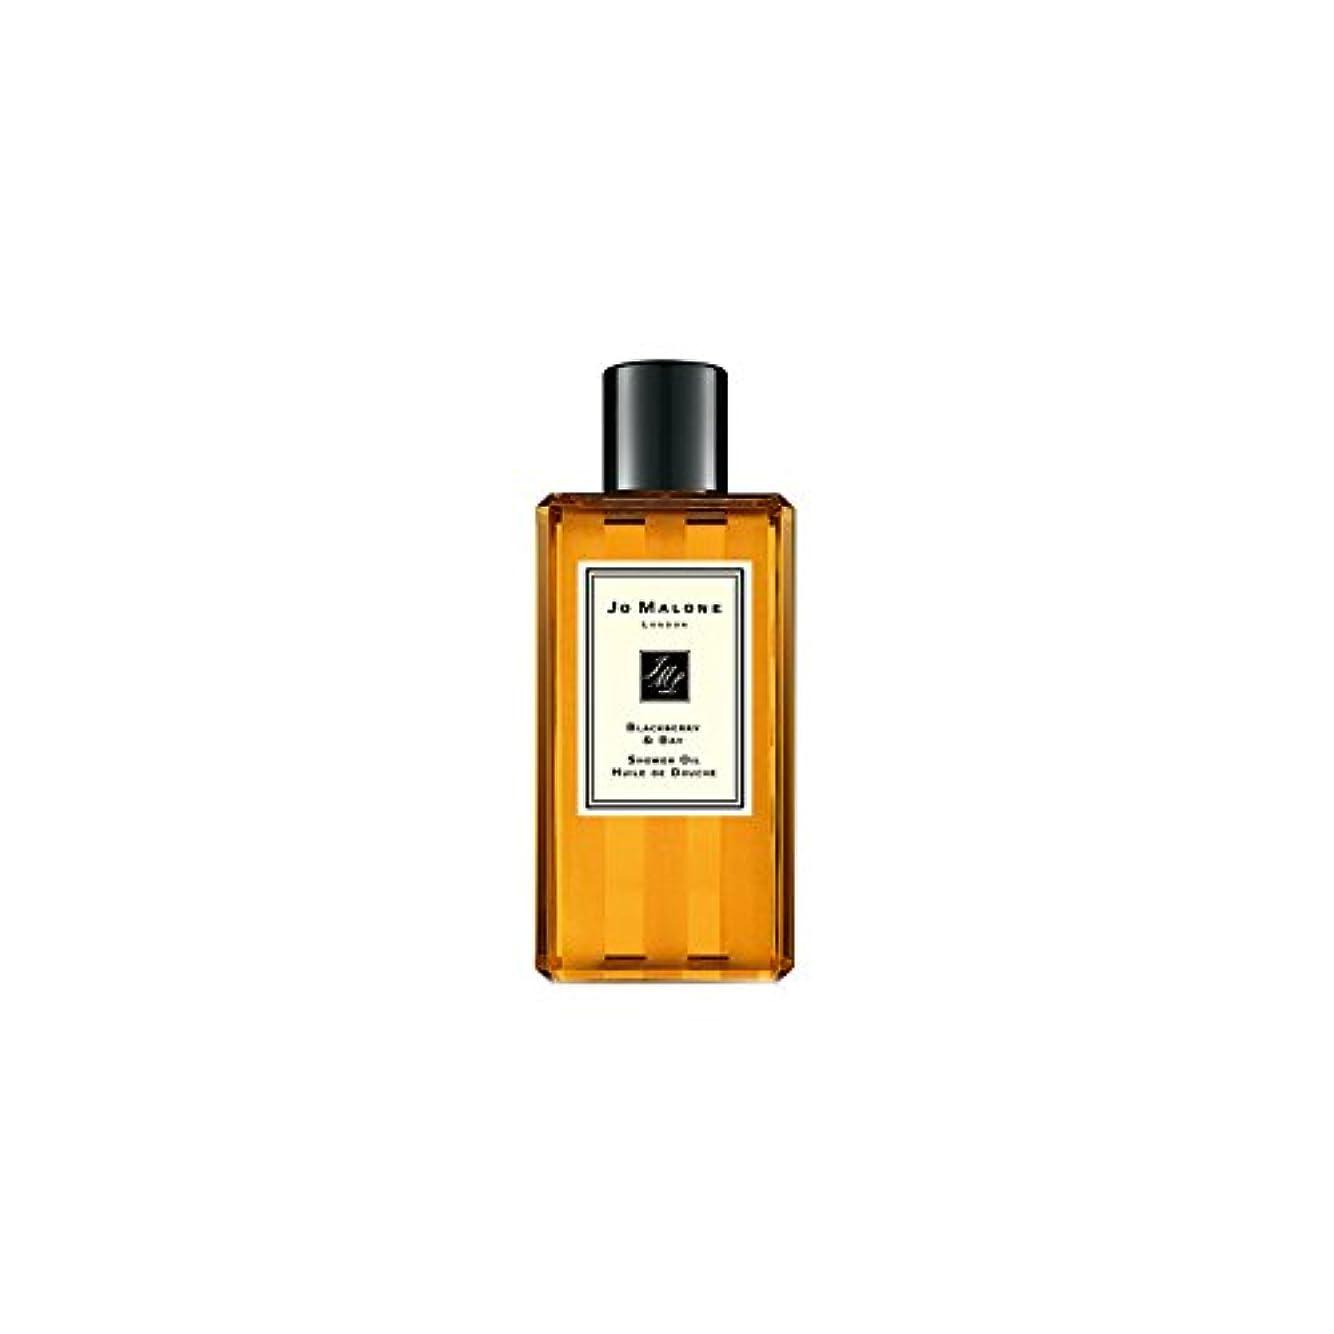 アメリカ矛盾する引き付けるJo Malone Blackberry & Bay Shower Oil - 250ml (Pack of 2) - ジョーマローンブラックベリー&ベイシャワーオイル - 250ミリリットル (x2) [並行輸入品]